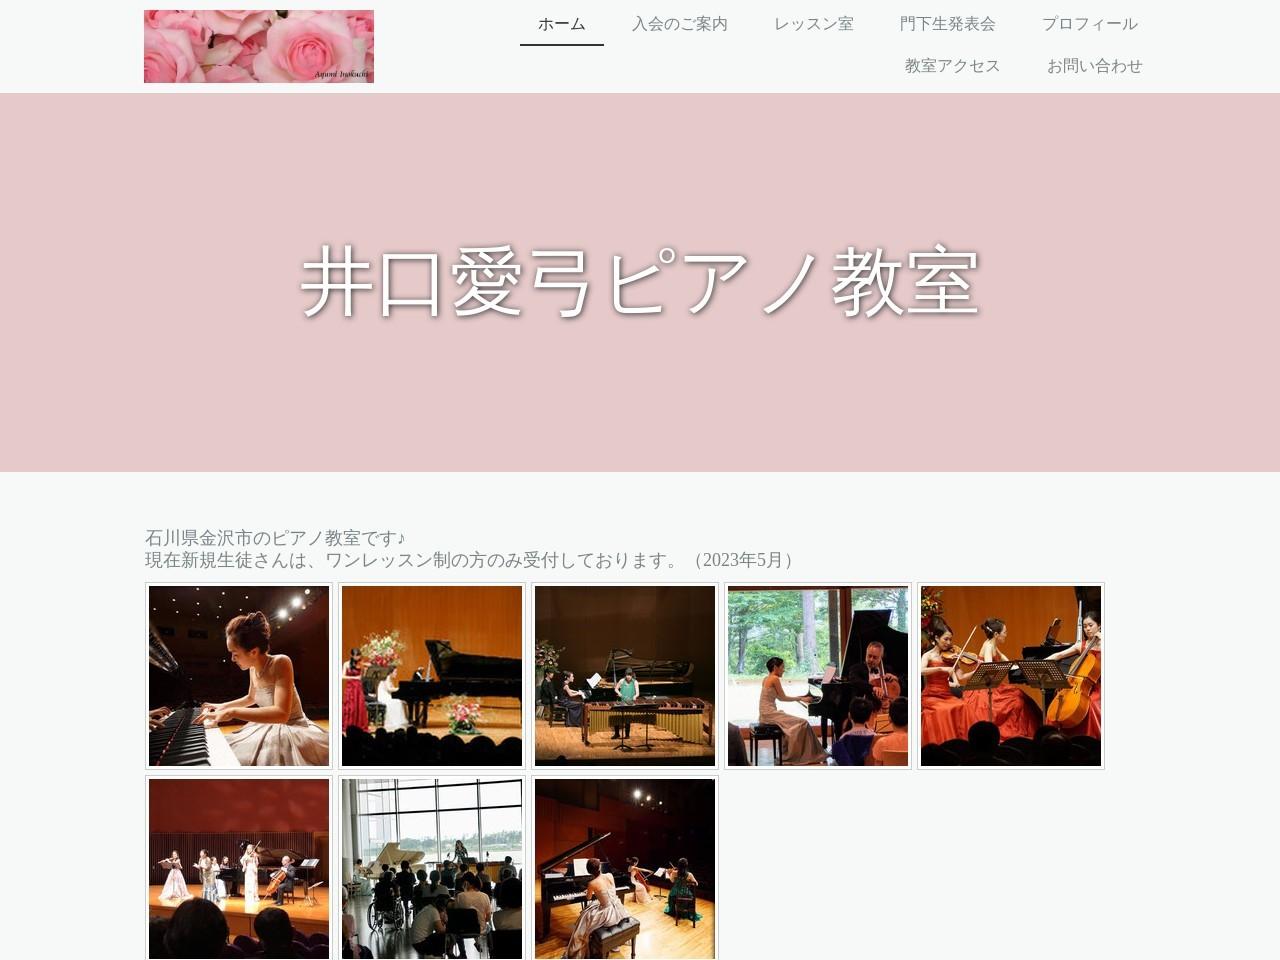 井口愛弓ピアノ教室のサムネイル